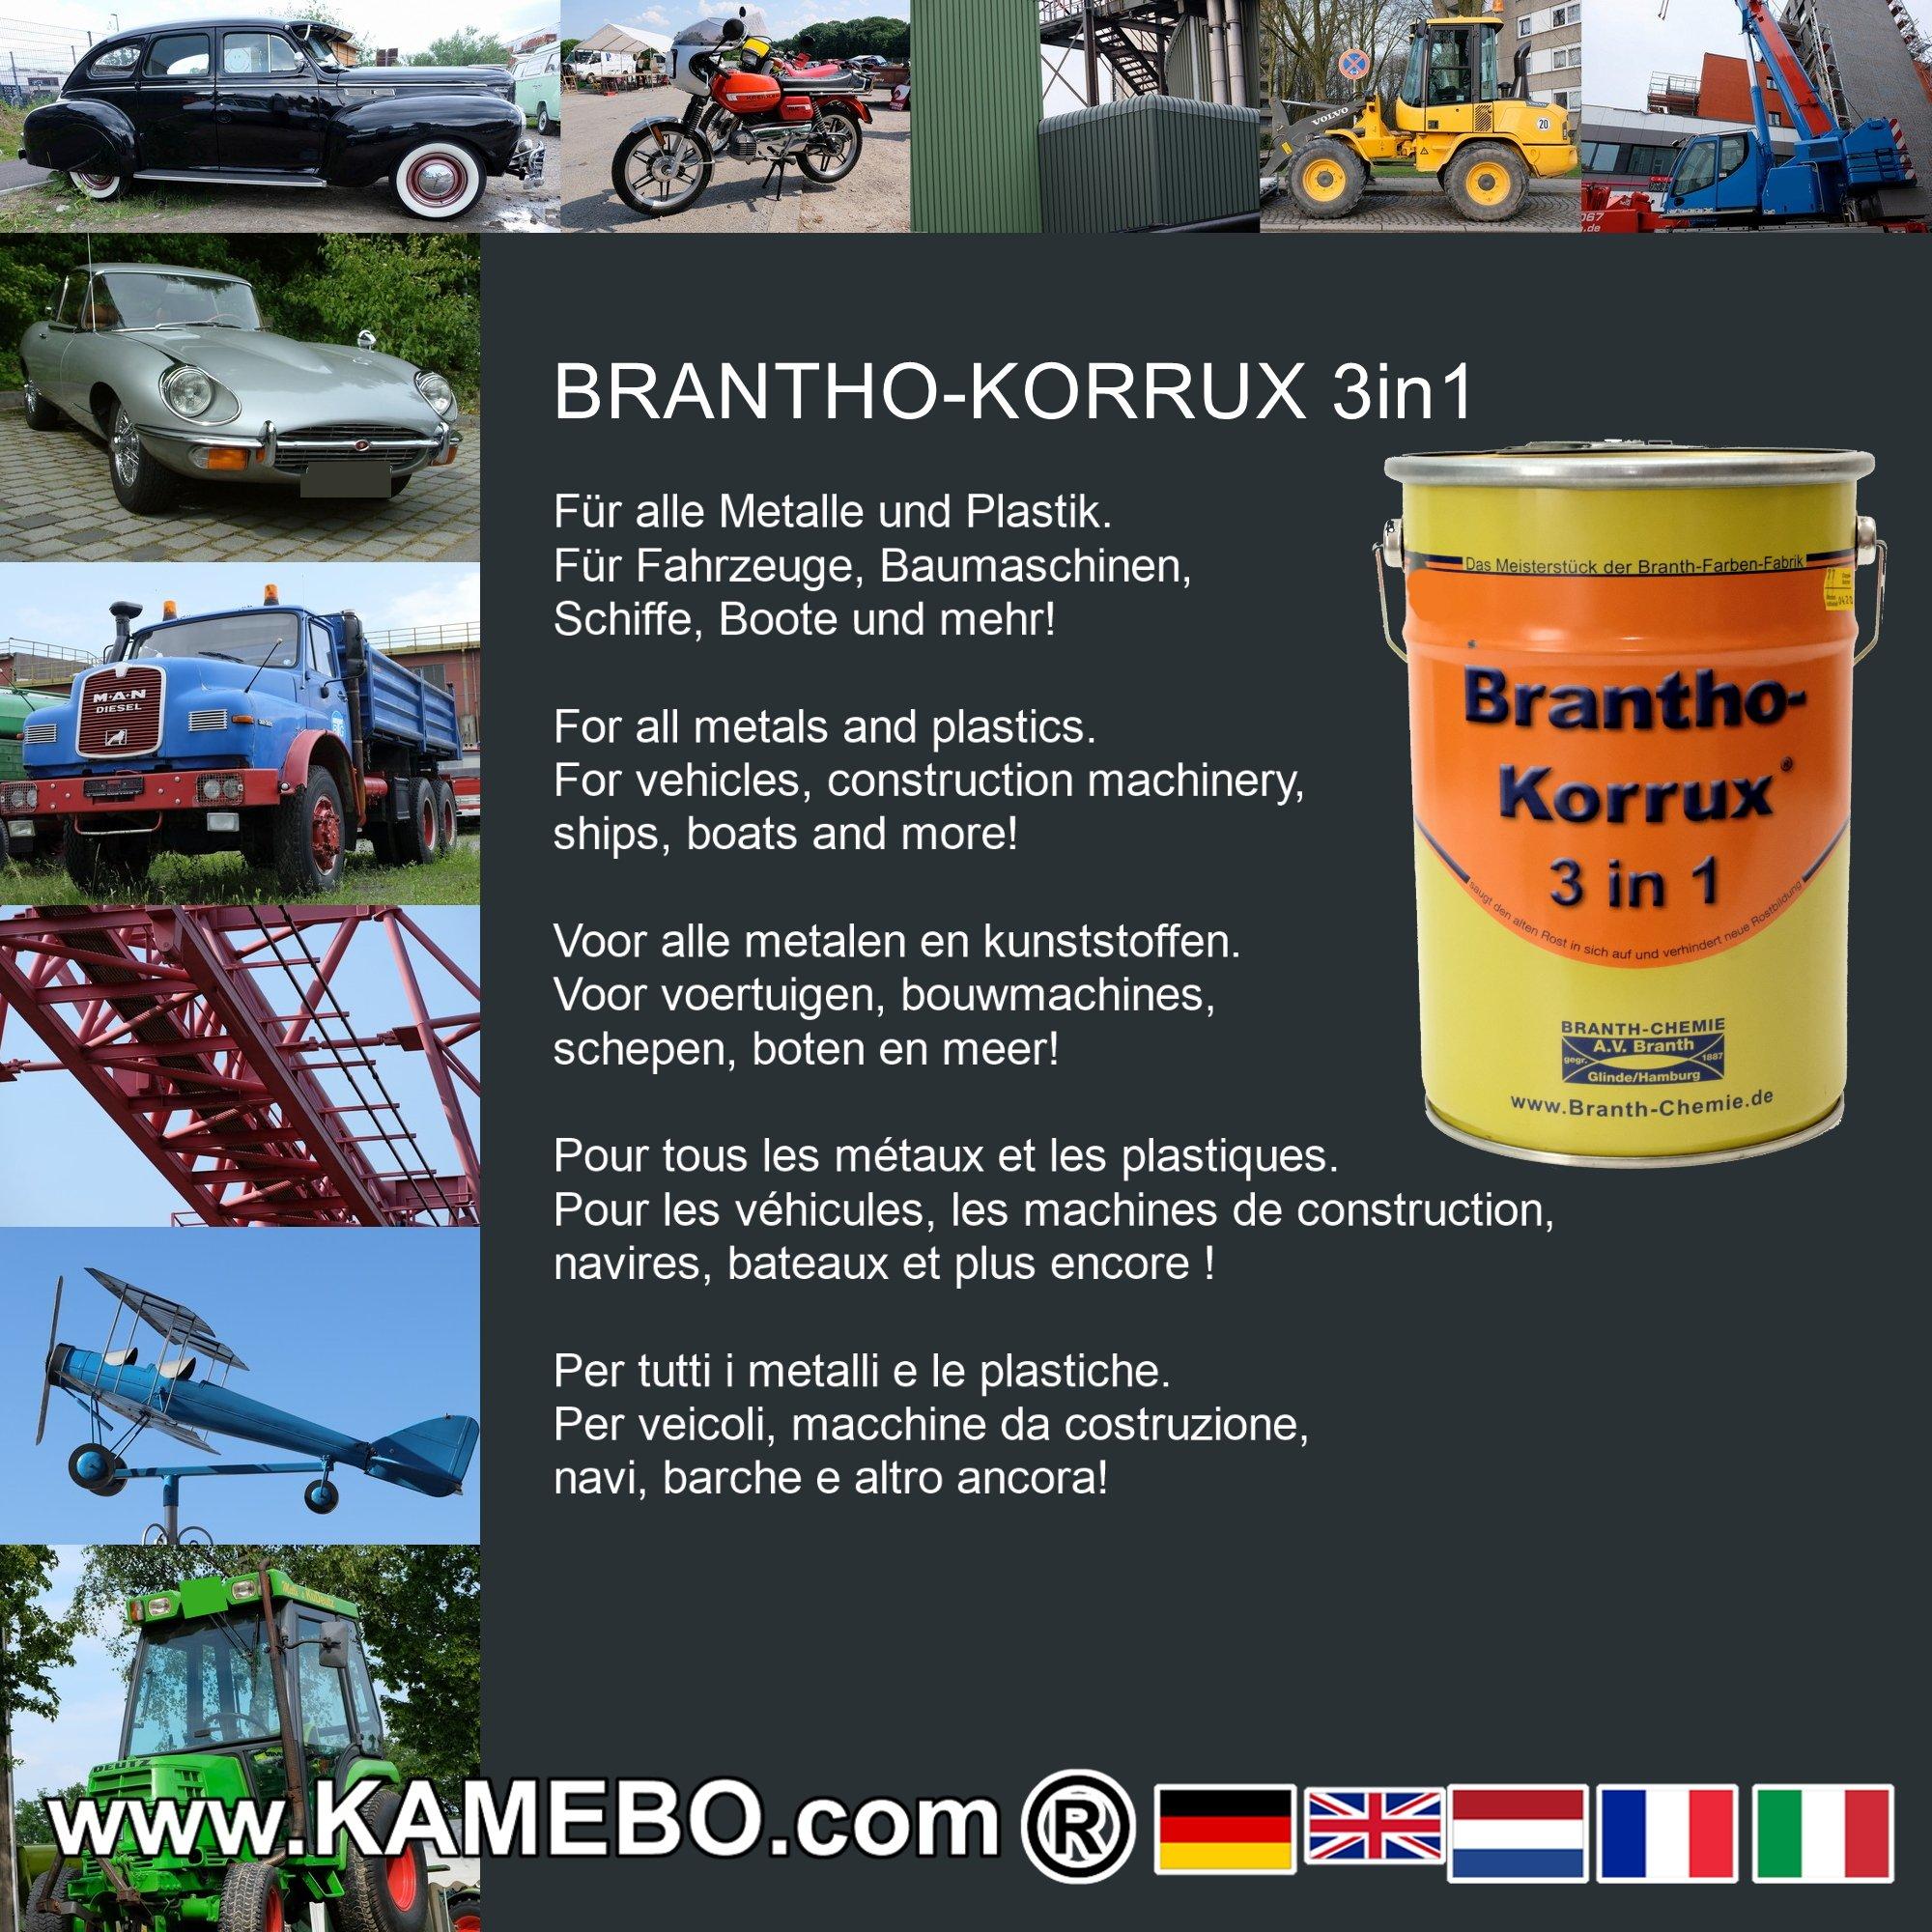 brantho korrux 3in1 peinture antirouille ral 7016 gris anthracite 5 litres kamebo. Black Bedroom Furniture Sets. Home Design Ideas